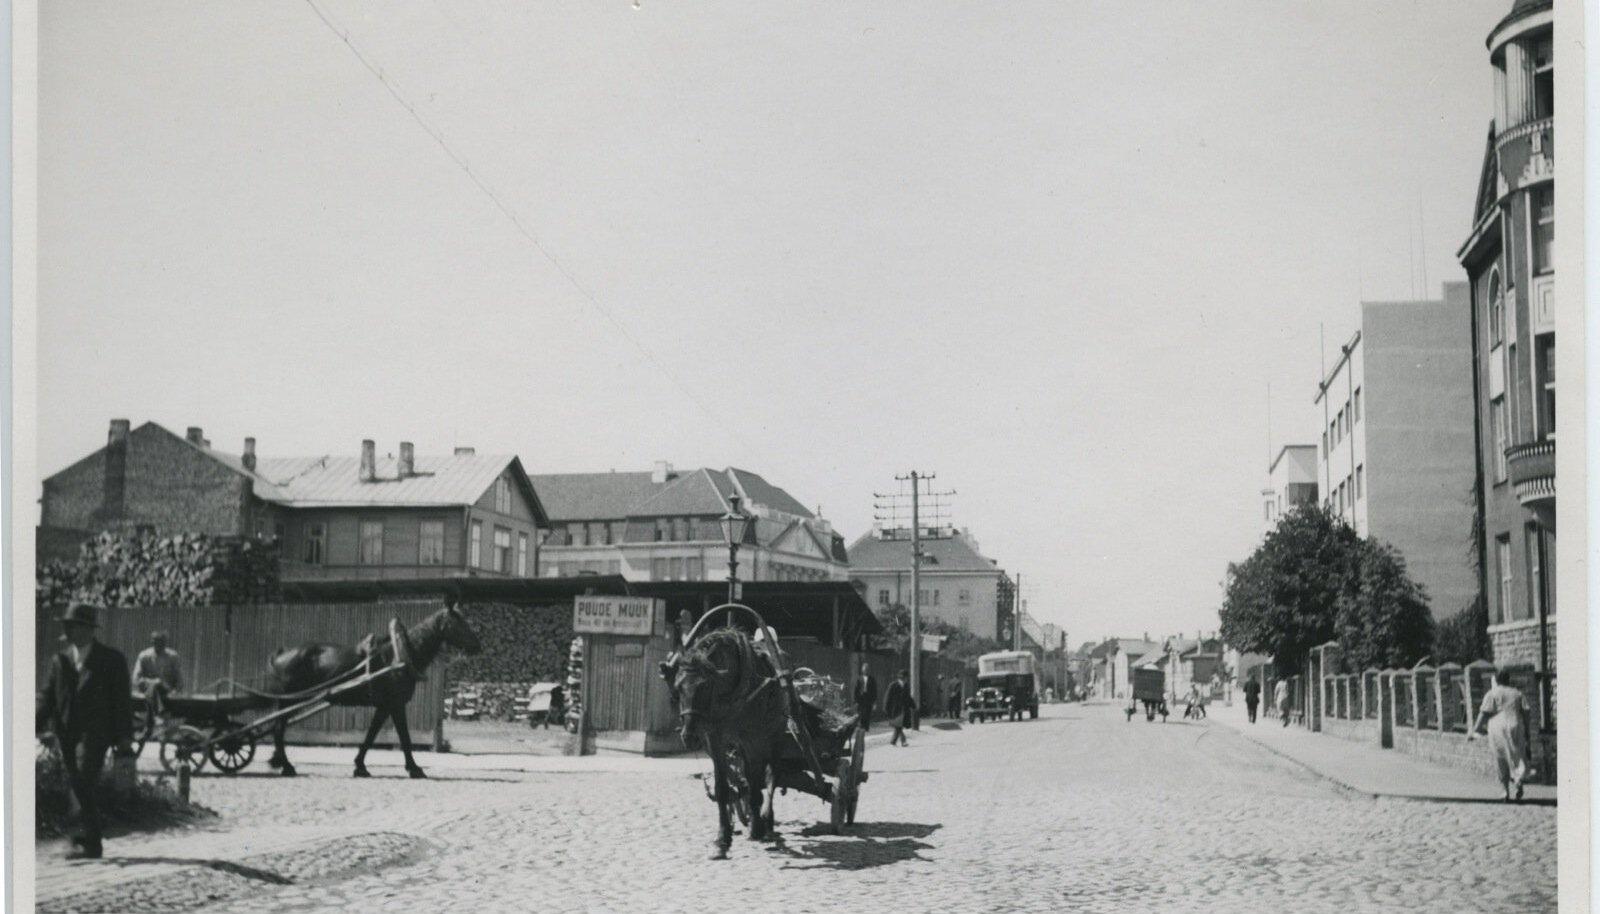 Raua tänav kahe ilmasõja vahelisel ajal.